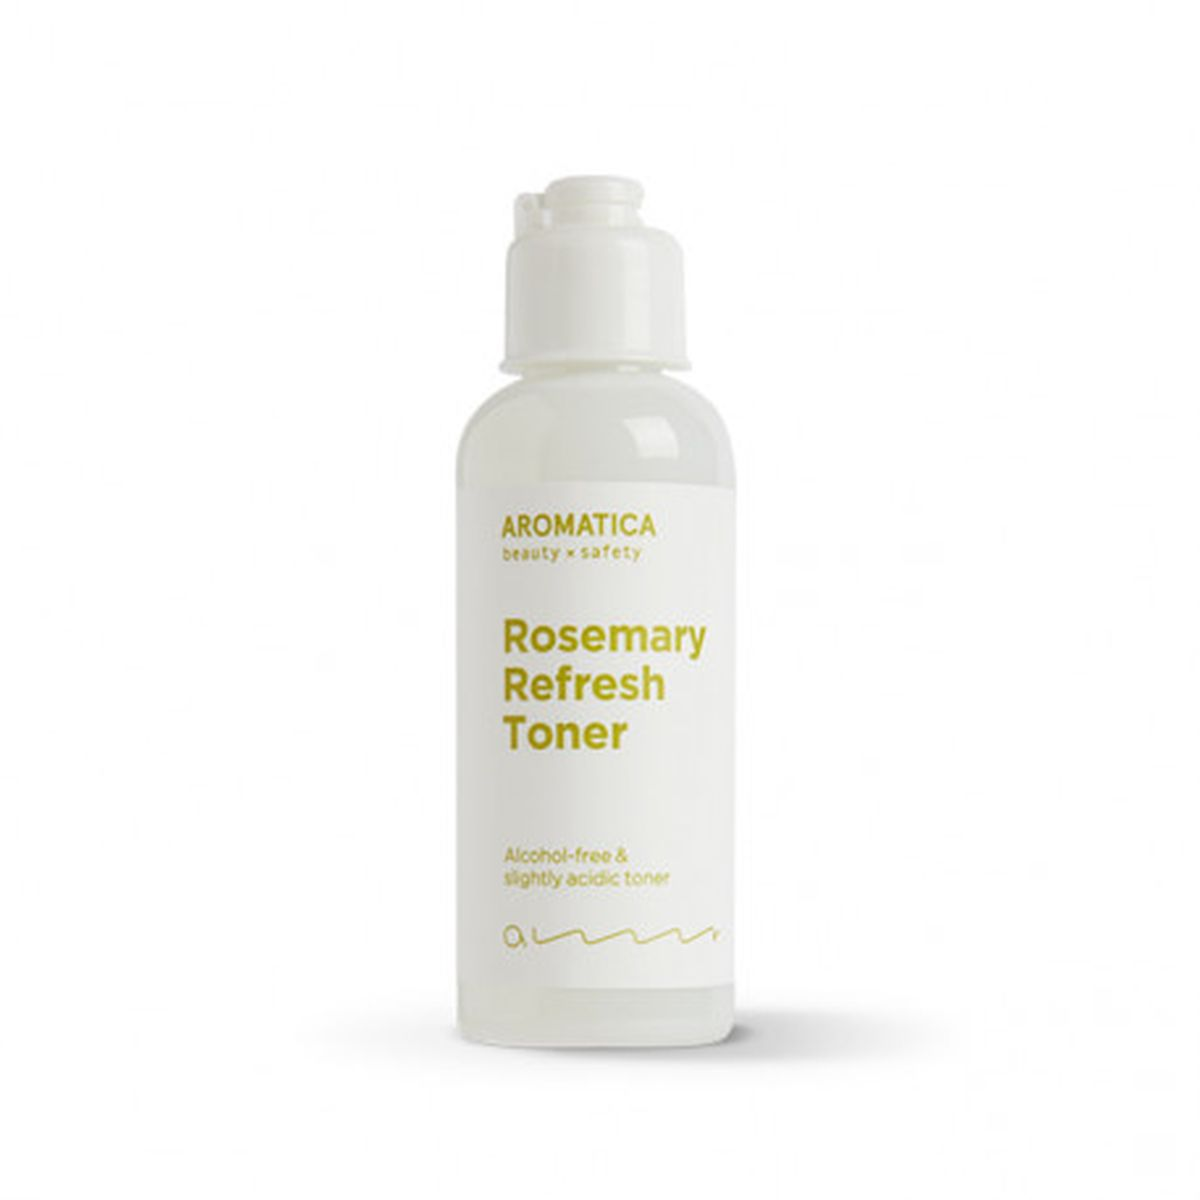 Миниатюра тонера с розмарином Aromatica Rosemary Refresh Toner - 50 мл